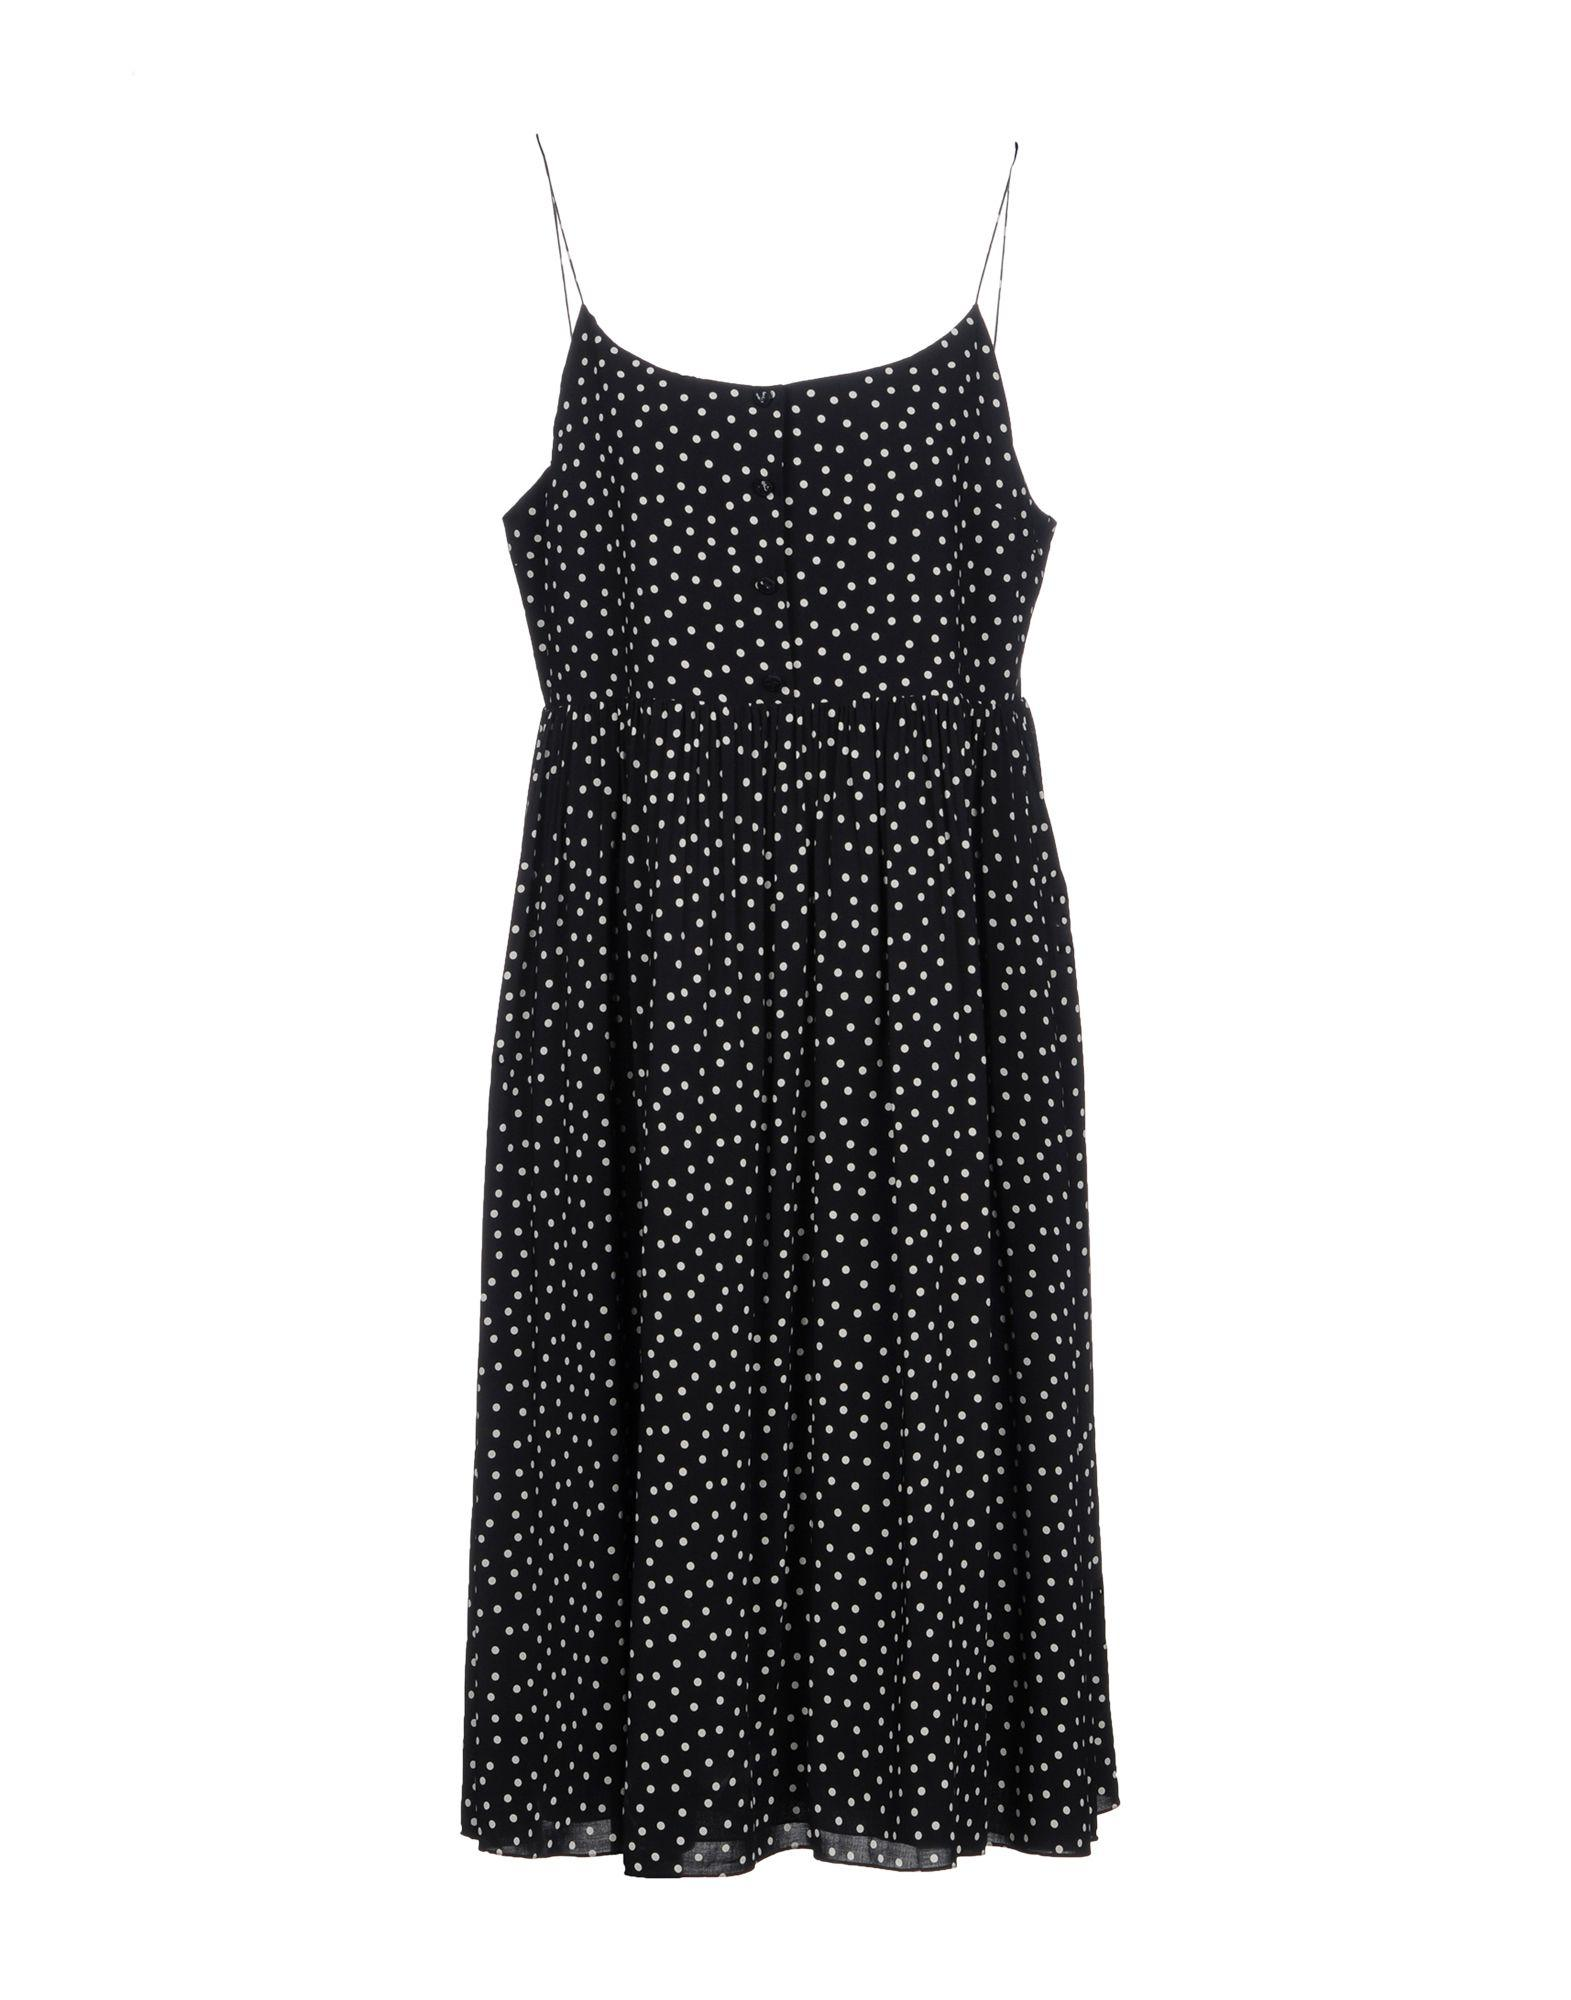 97b25e089ab Lyst - Saint Laurent Knee-length Dress in Black